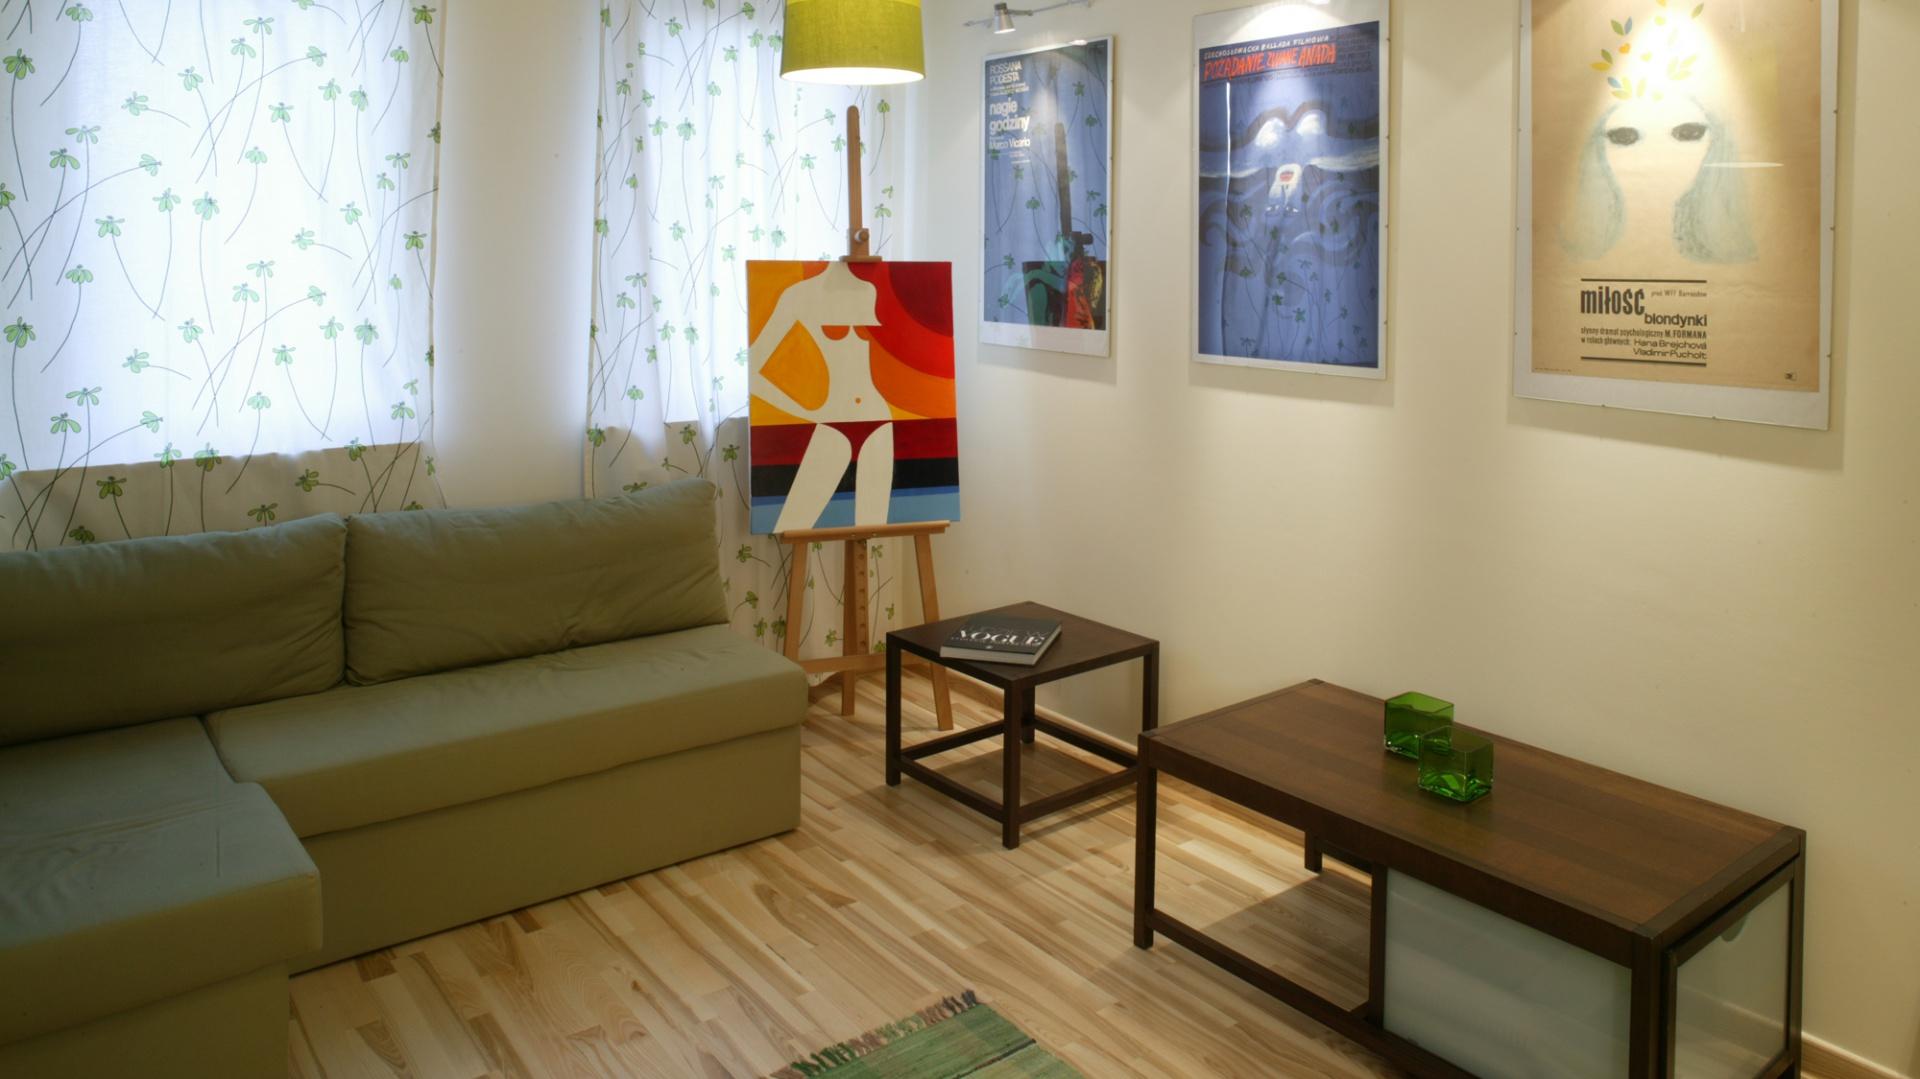 Pokój gościnny odcina się kolorystycznie od reszty mieszkania. Zieleń wprowadza spokój i naturalną aurę. Jednak fashion-art wkrada się także i tutaj. Monika Filipiuk.